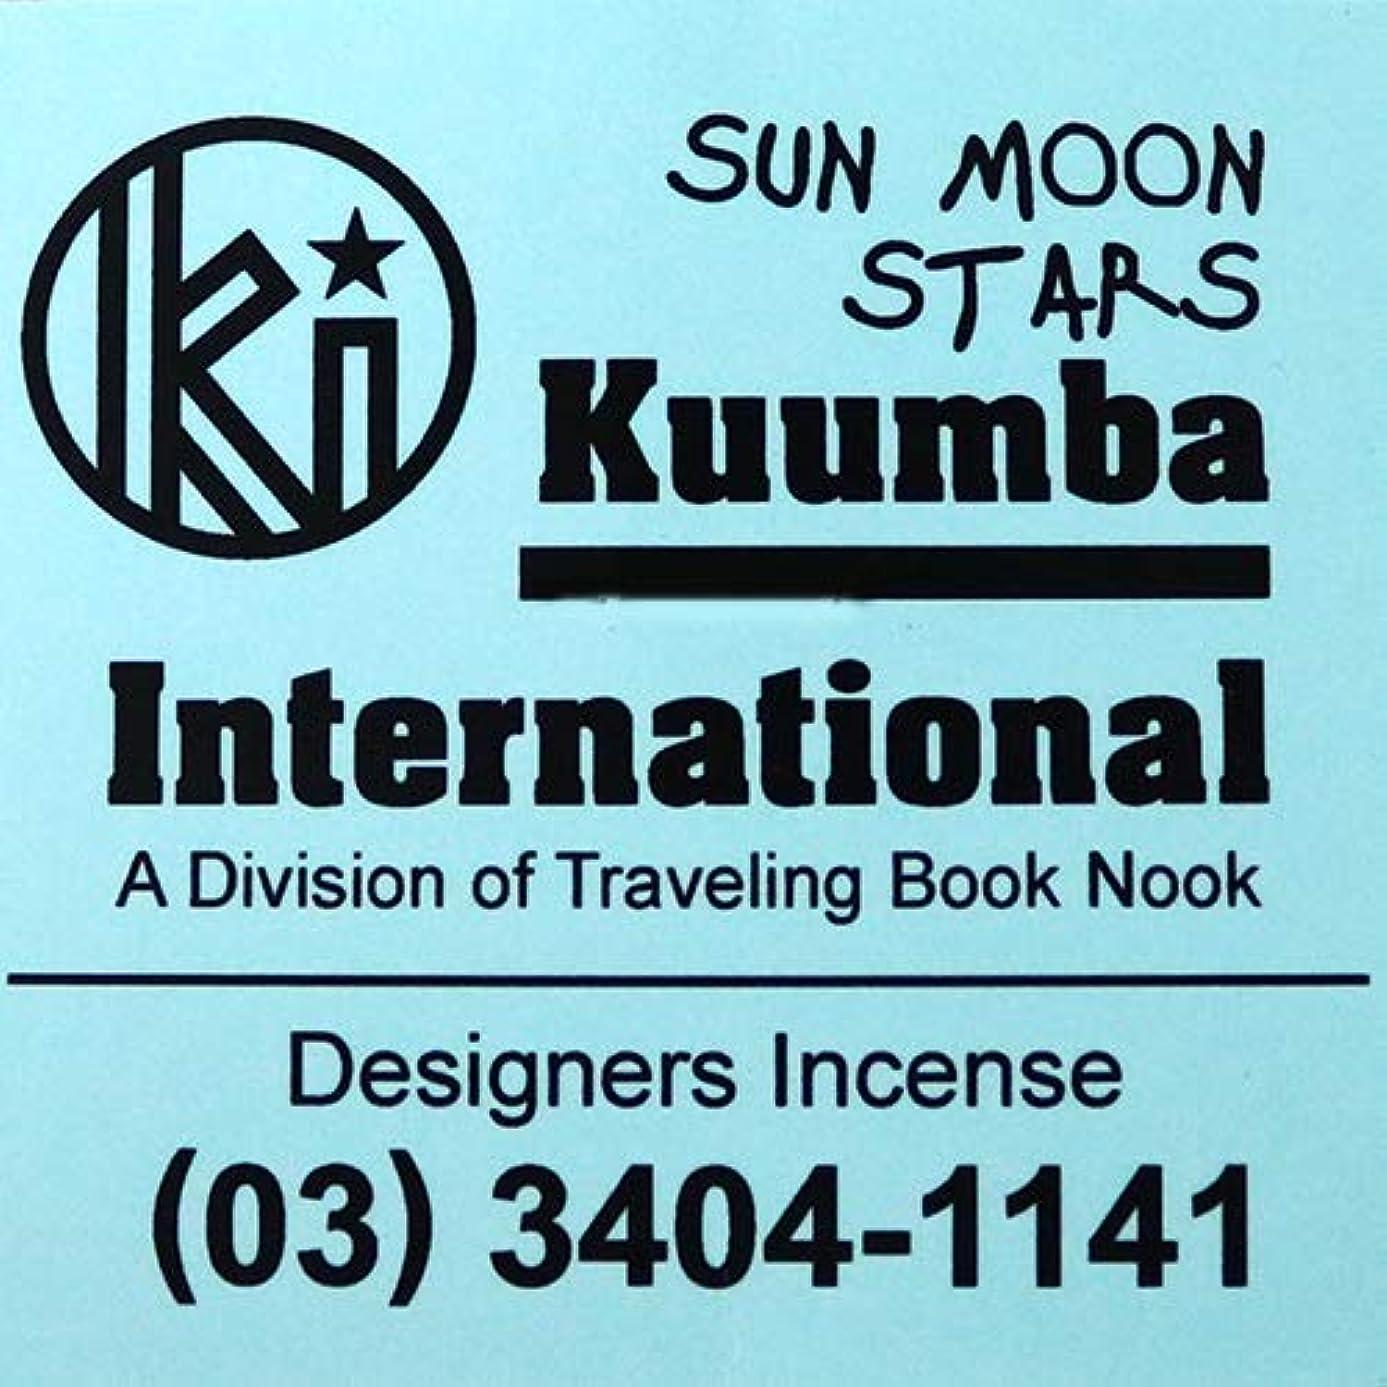 意義違反商品(クンバ) KUUMBA『incense』(SUN MOON STARS) (SUN MOON STARS, Regular size)